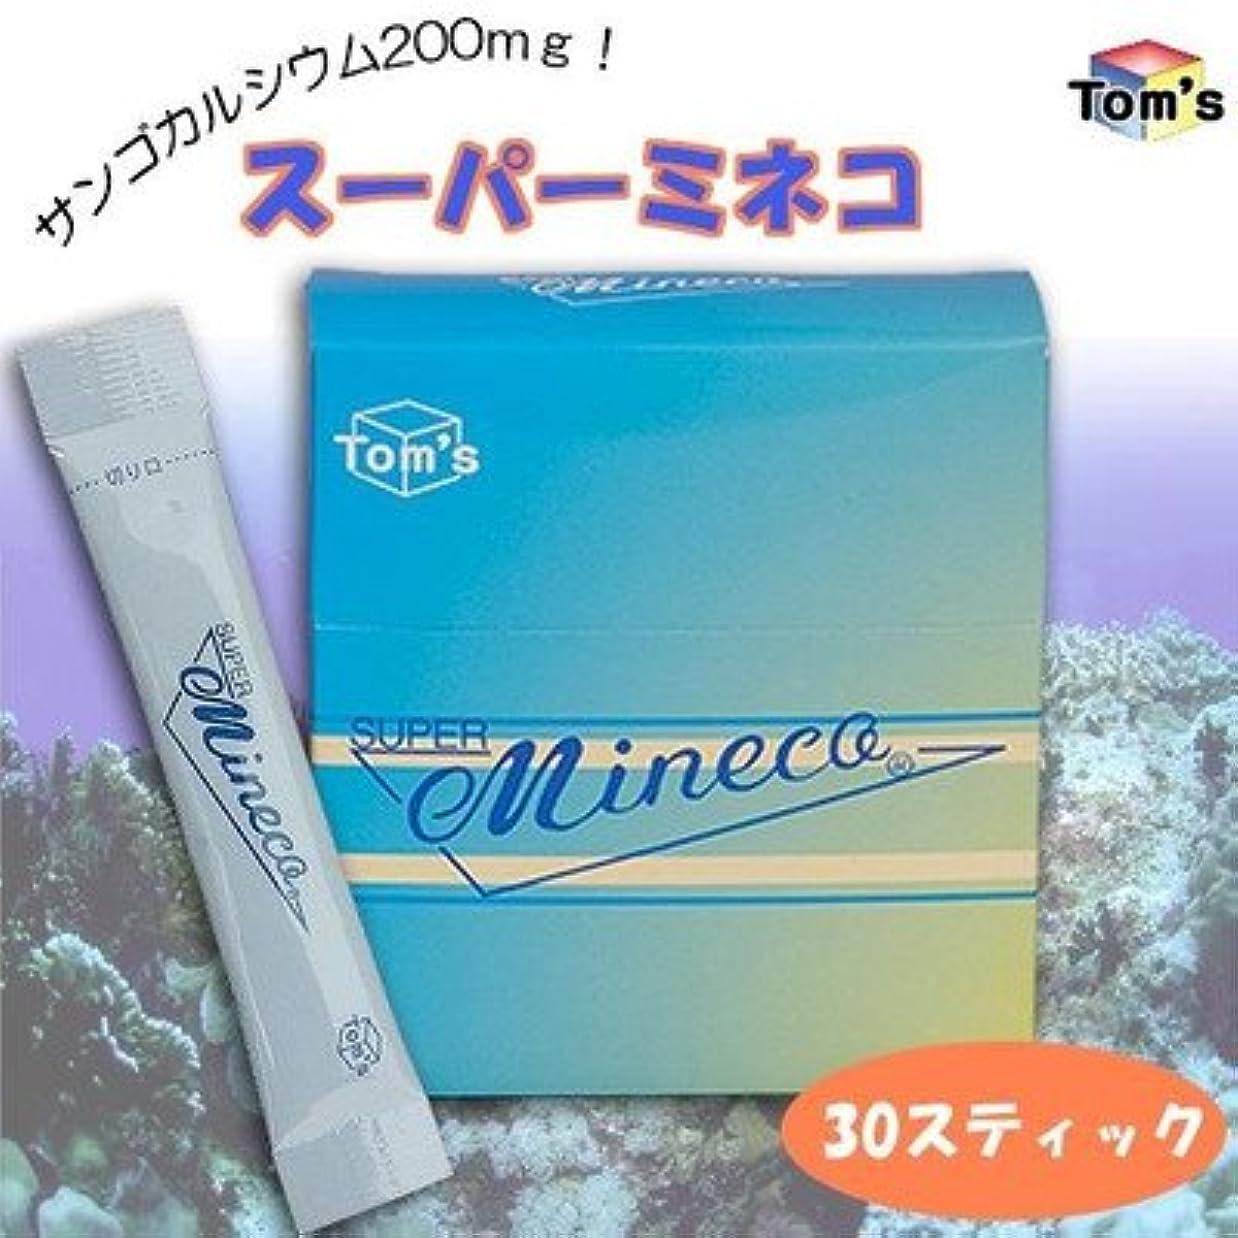 代表ドック火曜日サンゴカルシウム200mg スーパーミネコ 1箱 (30スティック入)